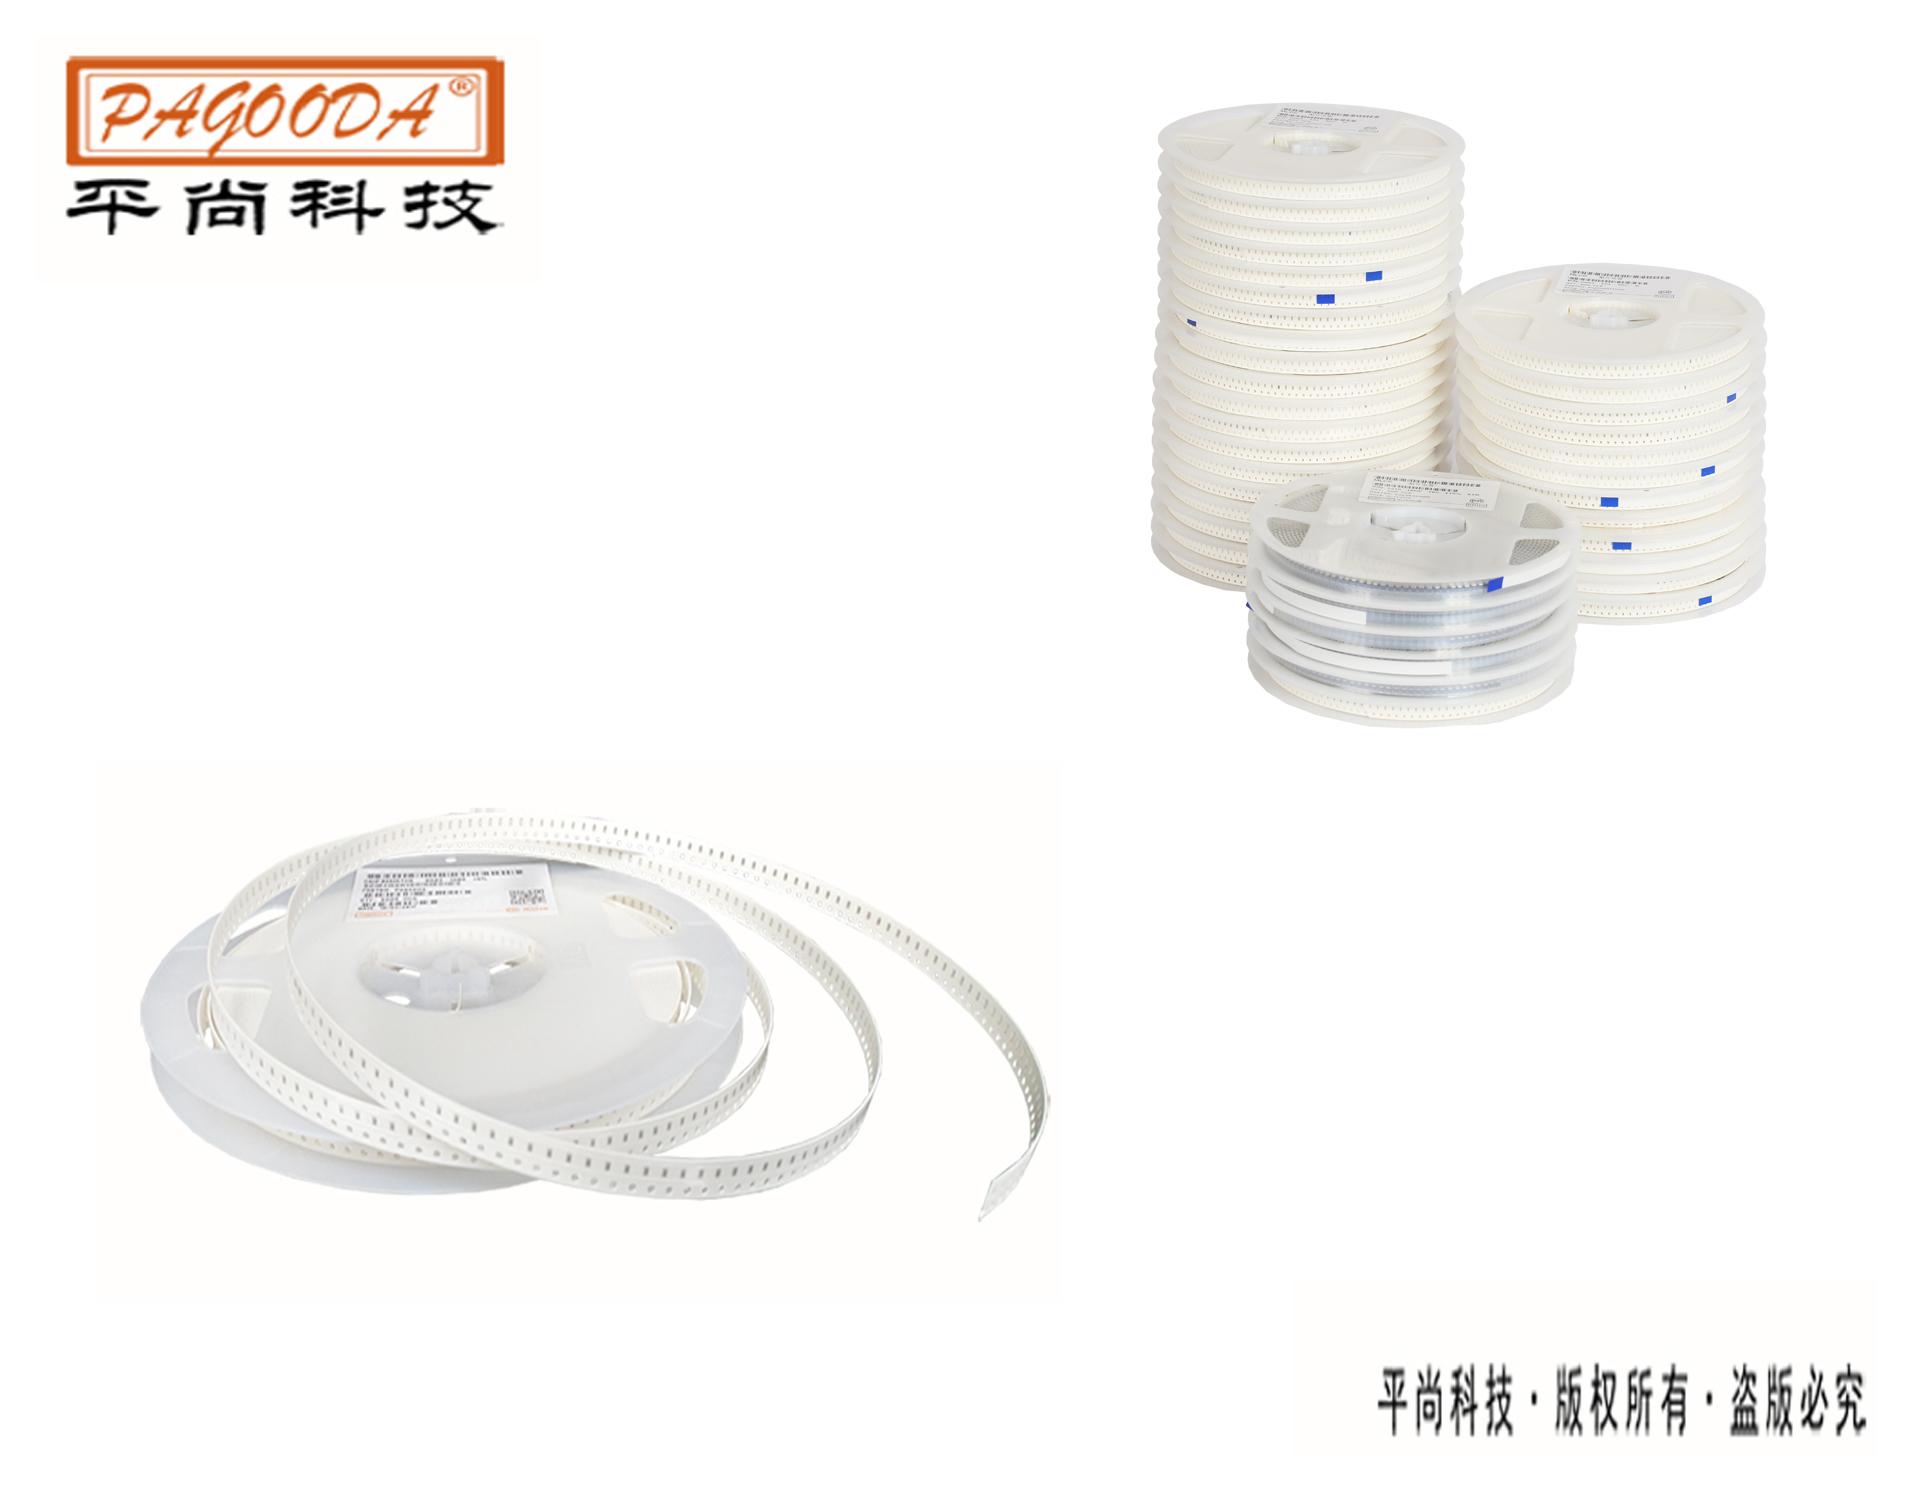 贴片电容 1206 47uf 工厂直销 全系列原装现货供应